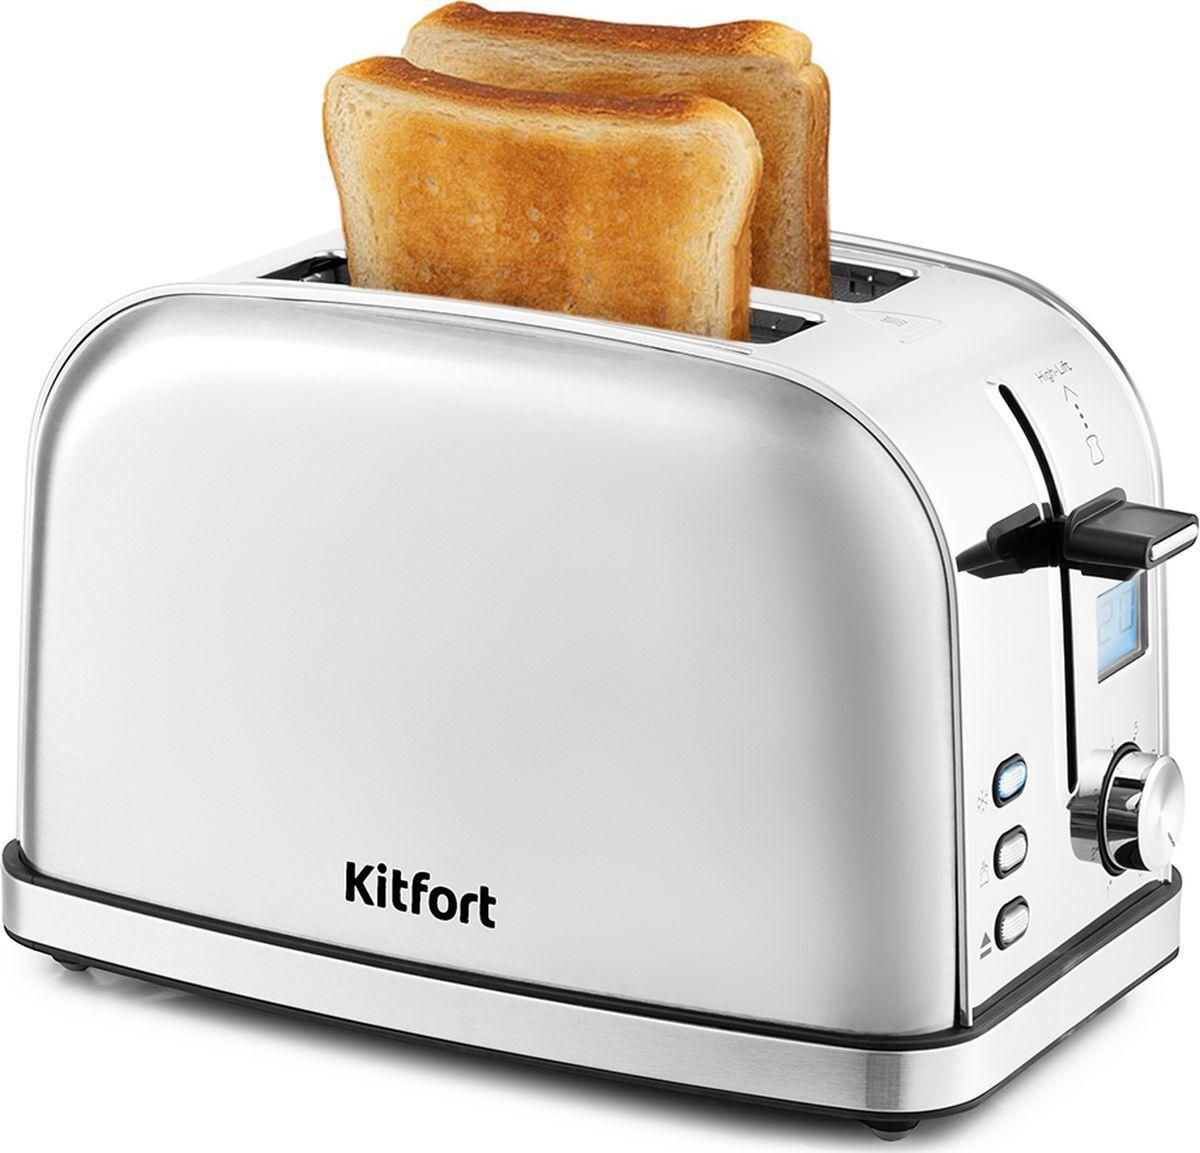 Тостер Kitfort КТ-2036, серебристый #1